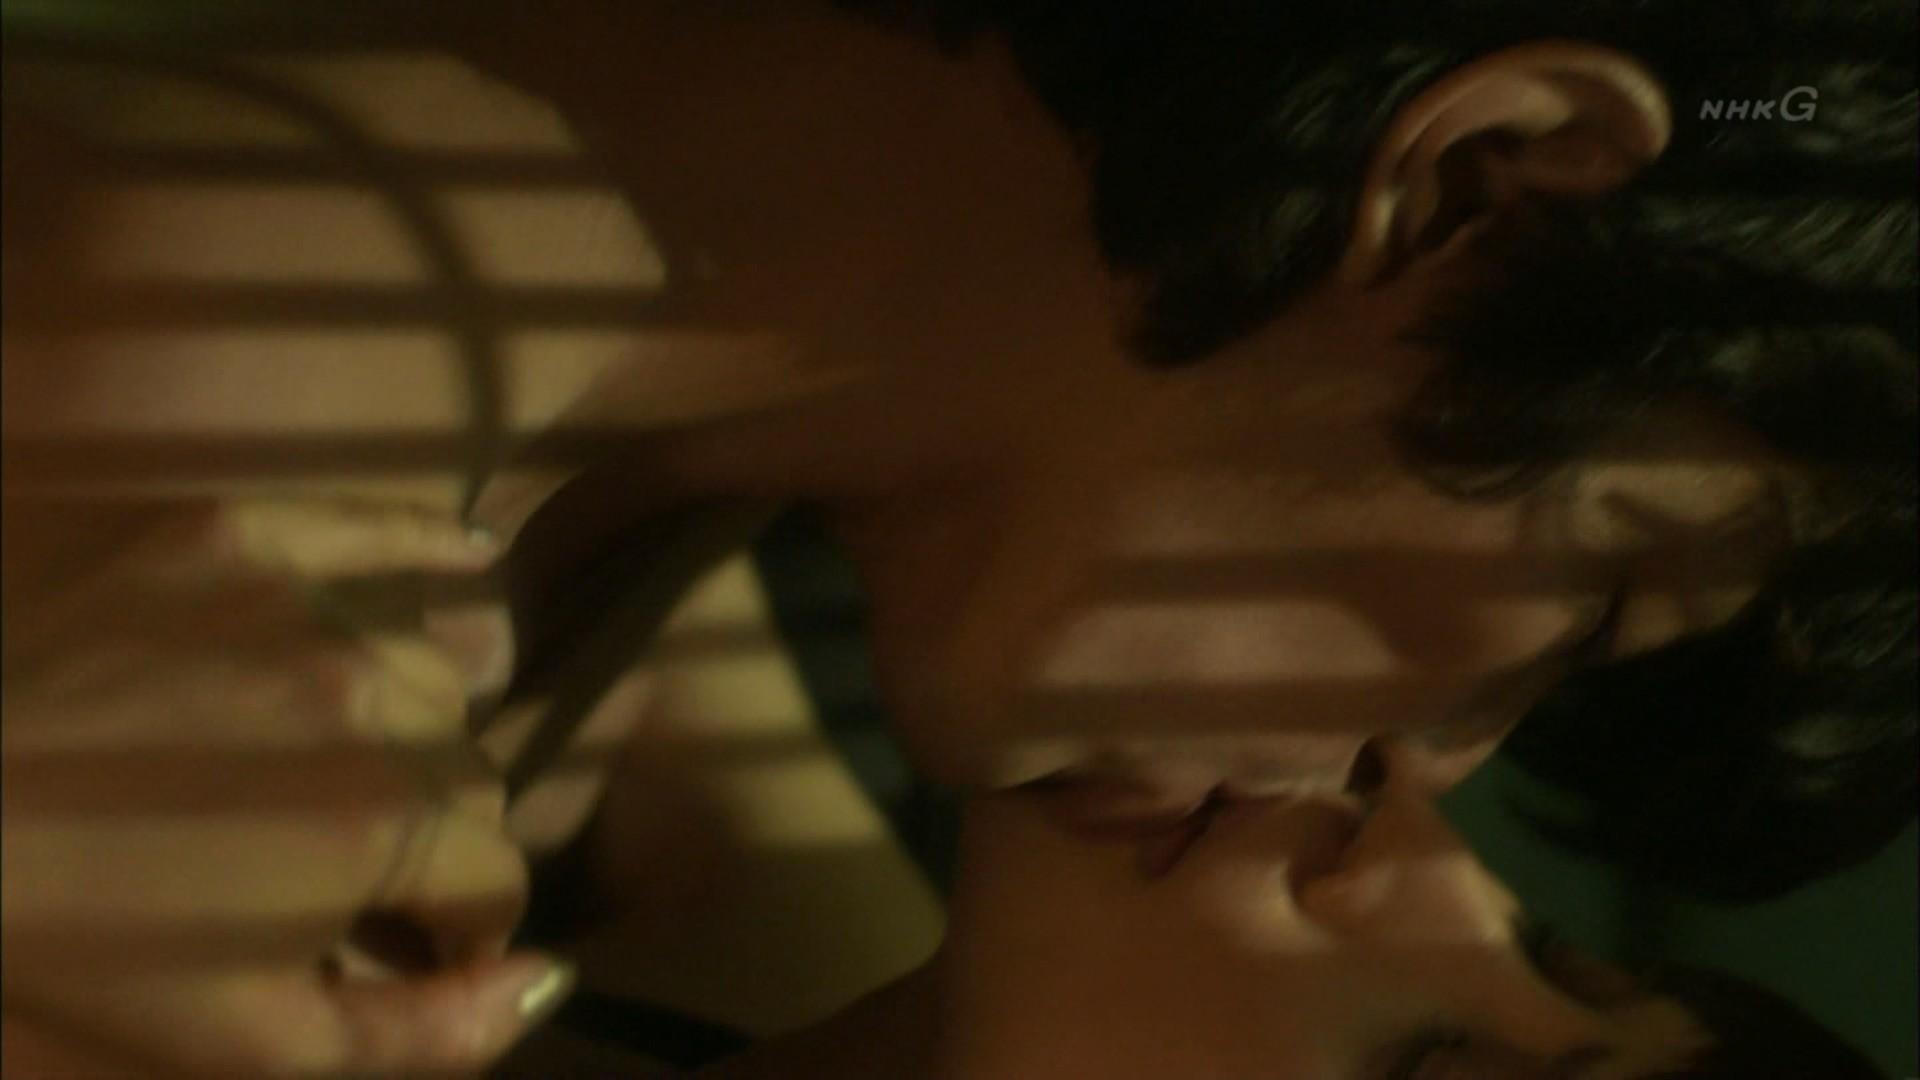 石田ゆり子 NHKのドラマで濃厚ラブシーンキャプ・エロ画像10